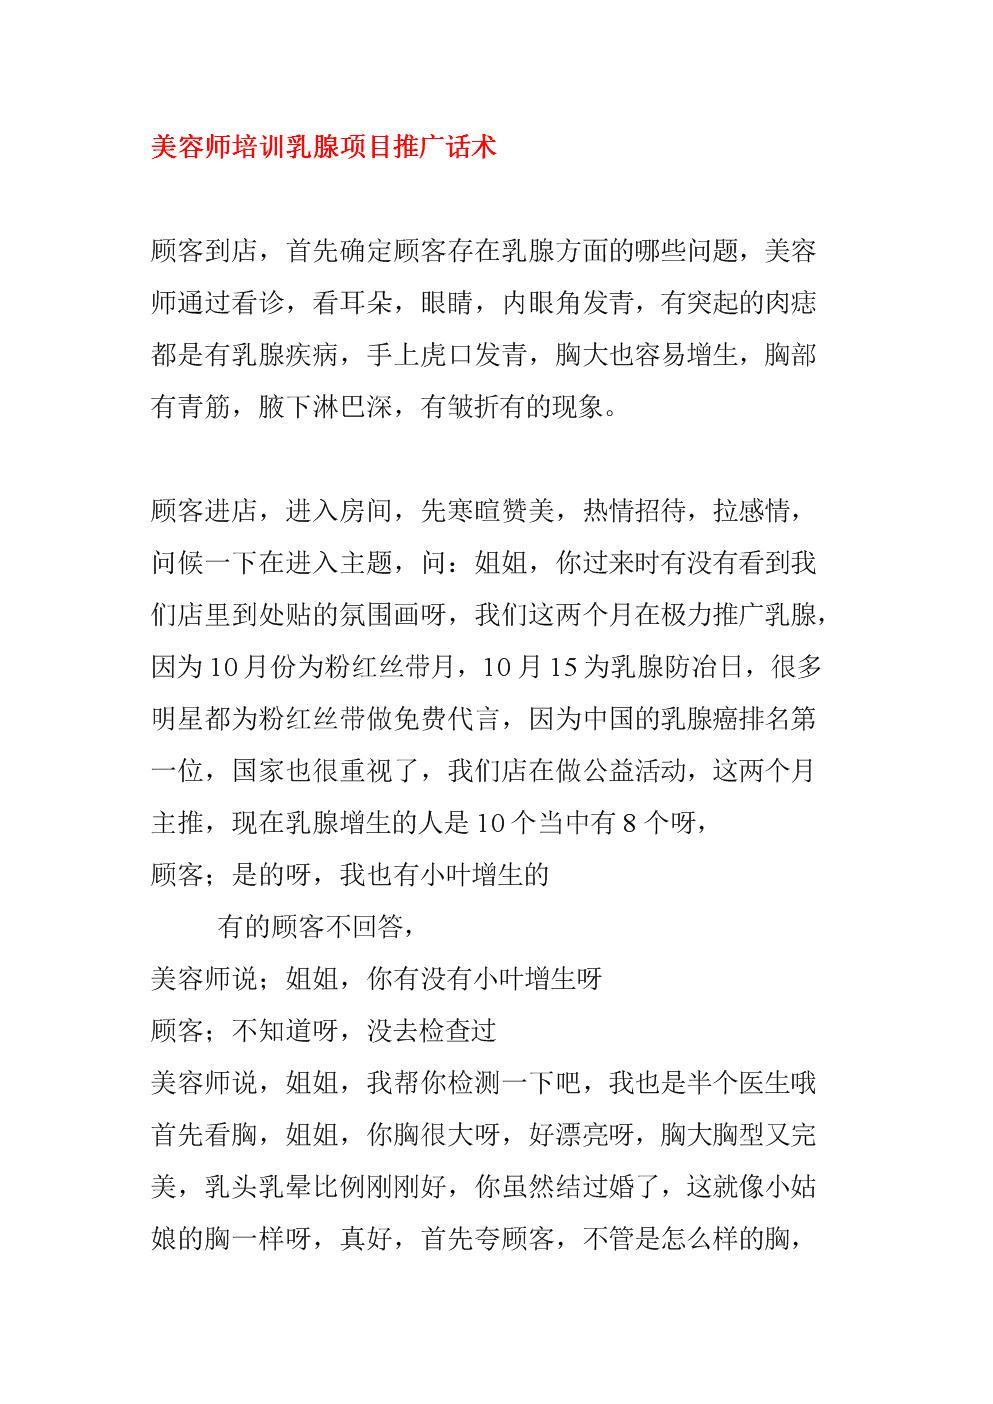 美容师培训乳腺项目推广话术.docx